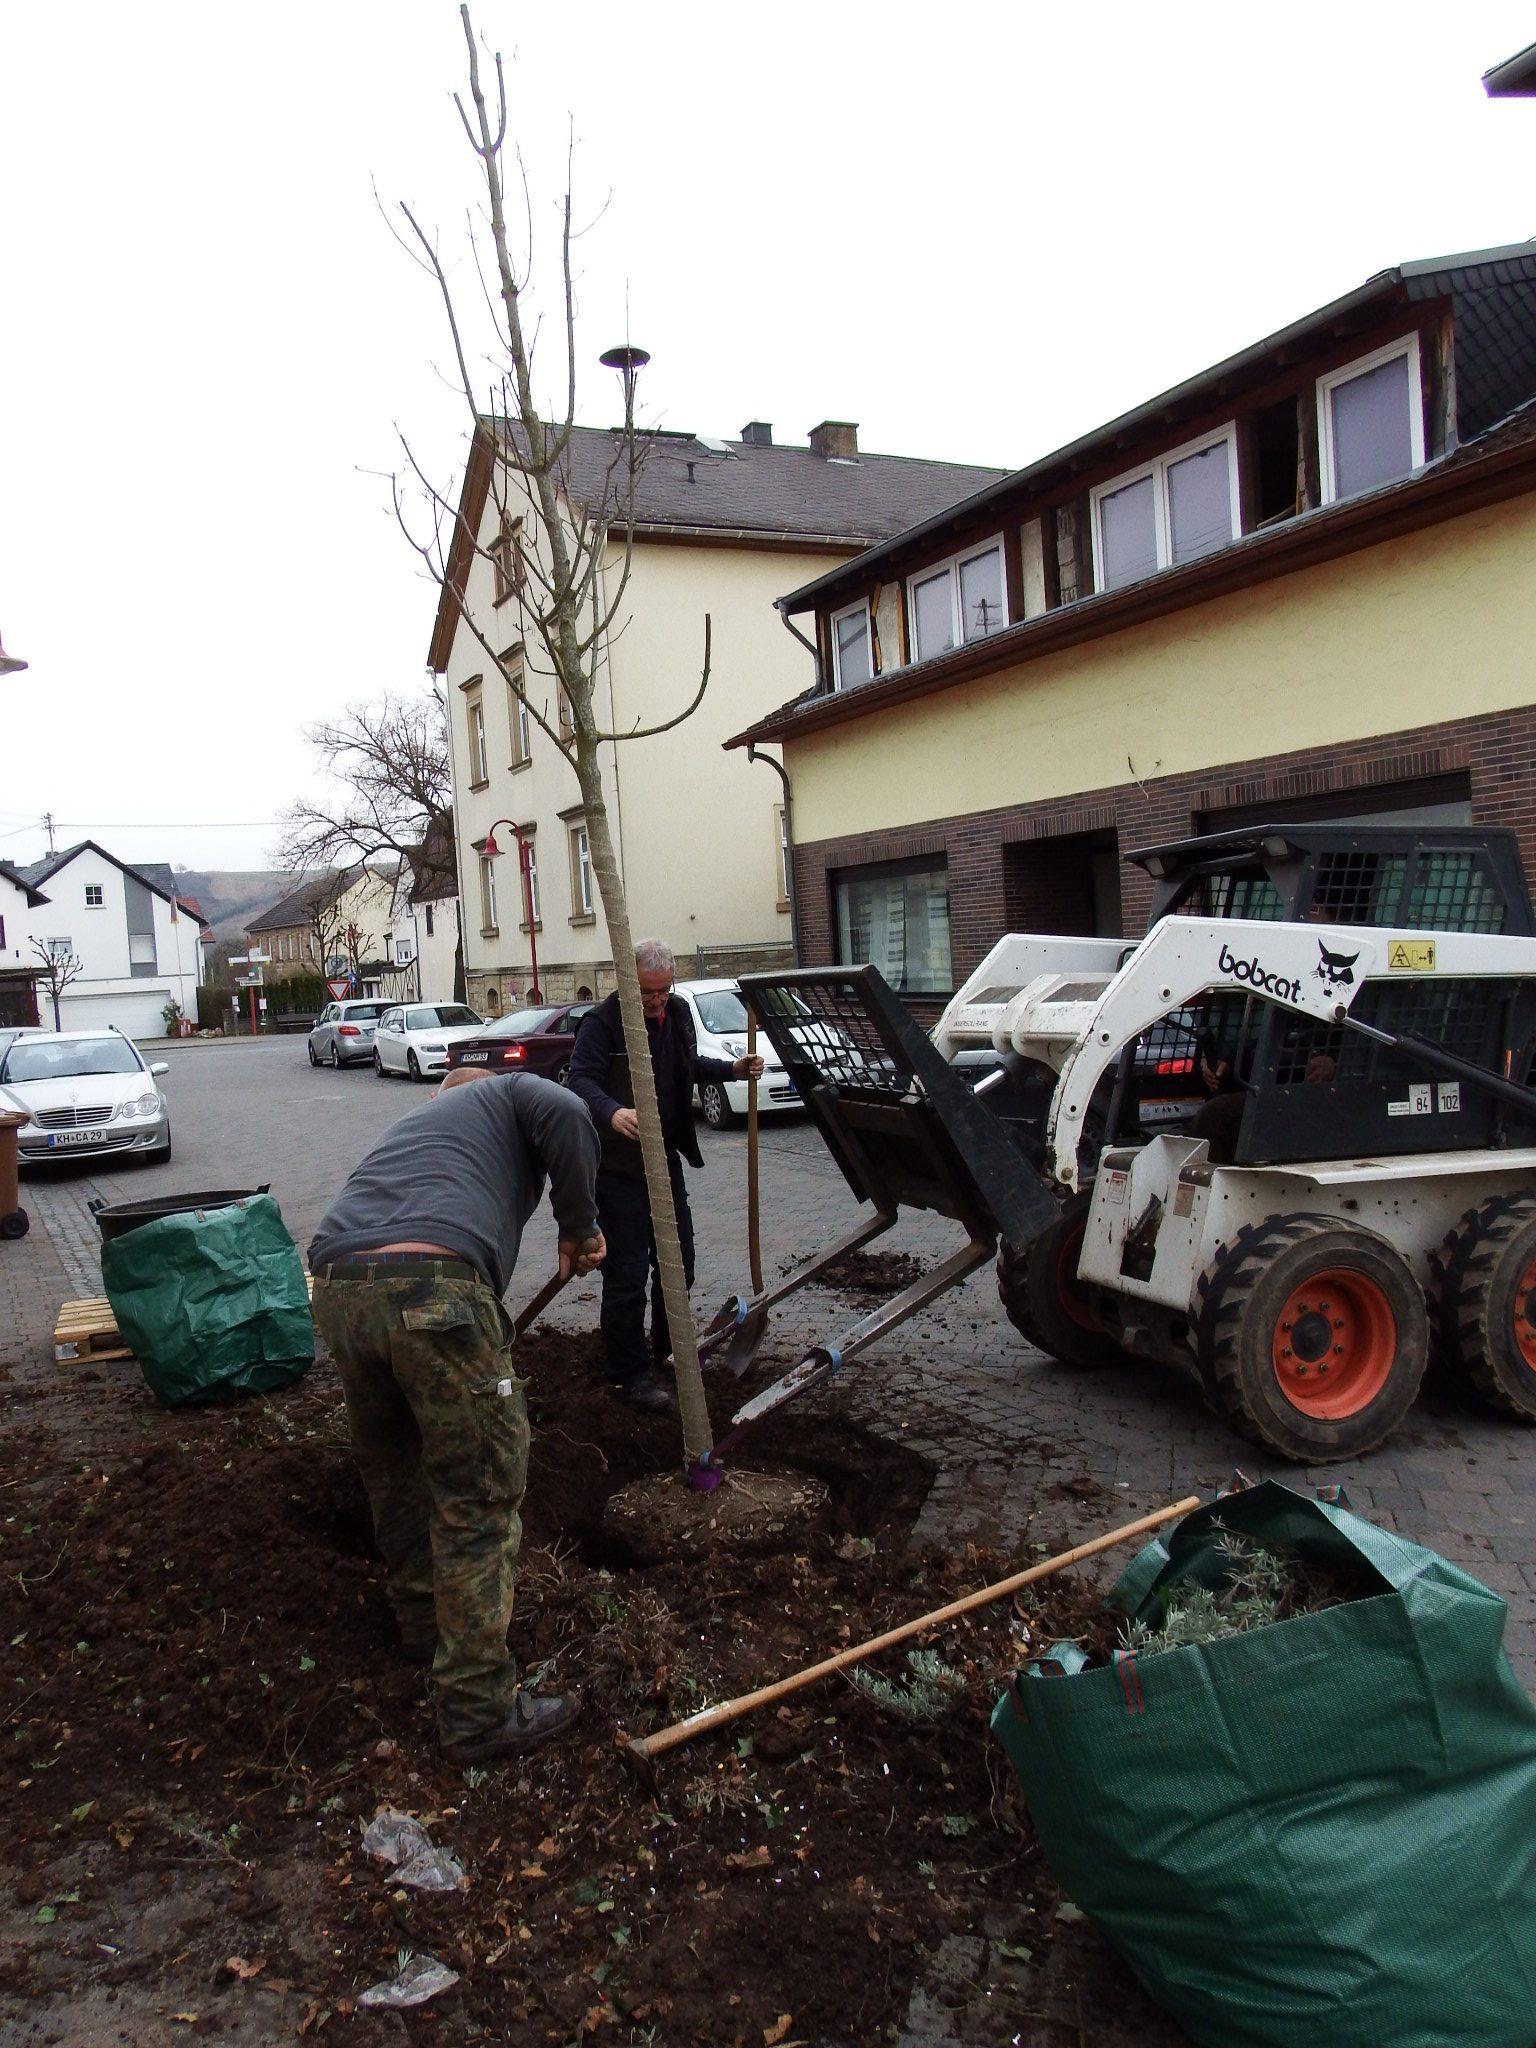 Straßenbaum - Baumpflege - Baumpflanzung - Gärtnerei Bock - Galabau -Merxheim - Meddersheim - Monzingen - Simmertal - Hochstetten-Dhaun - Kirn - Bad Sobernheim - Staudernheim - Odernheim - Kirschroth - Meisenheim - Gemünden - Bad Kreuznach - Idar-Oberstein - Birkenfeld